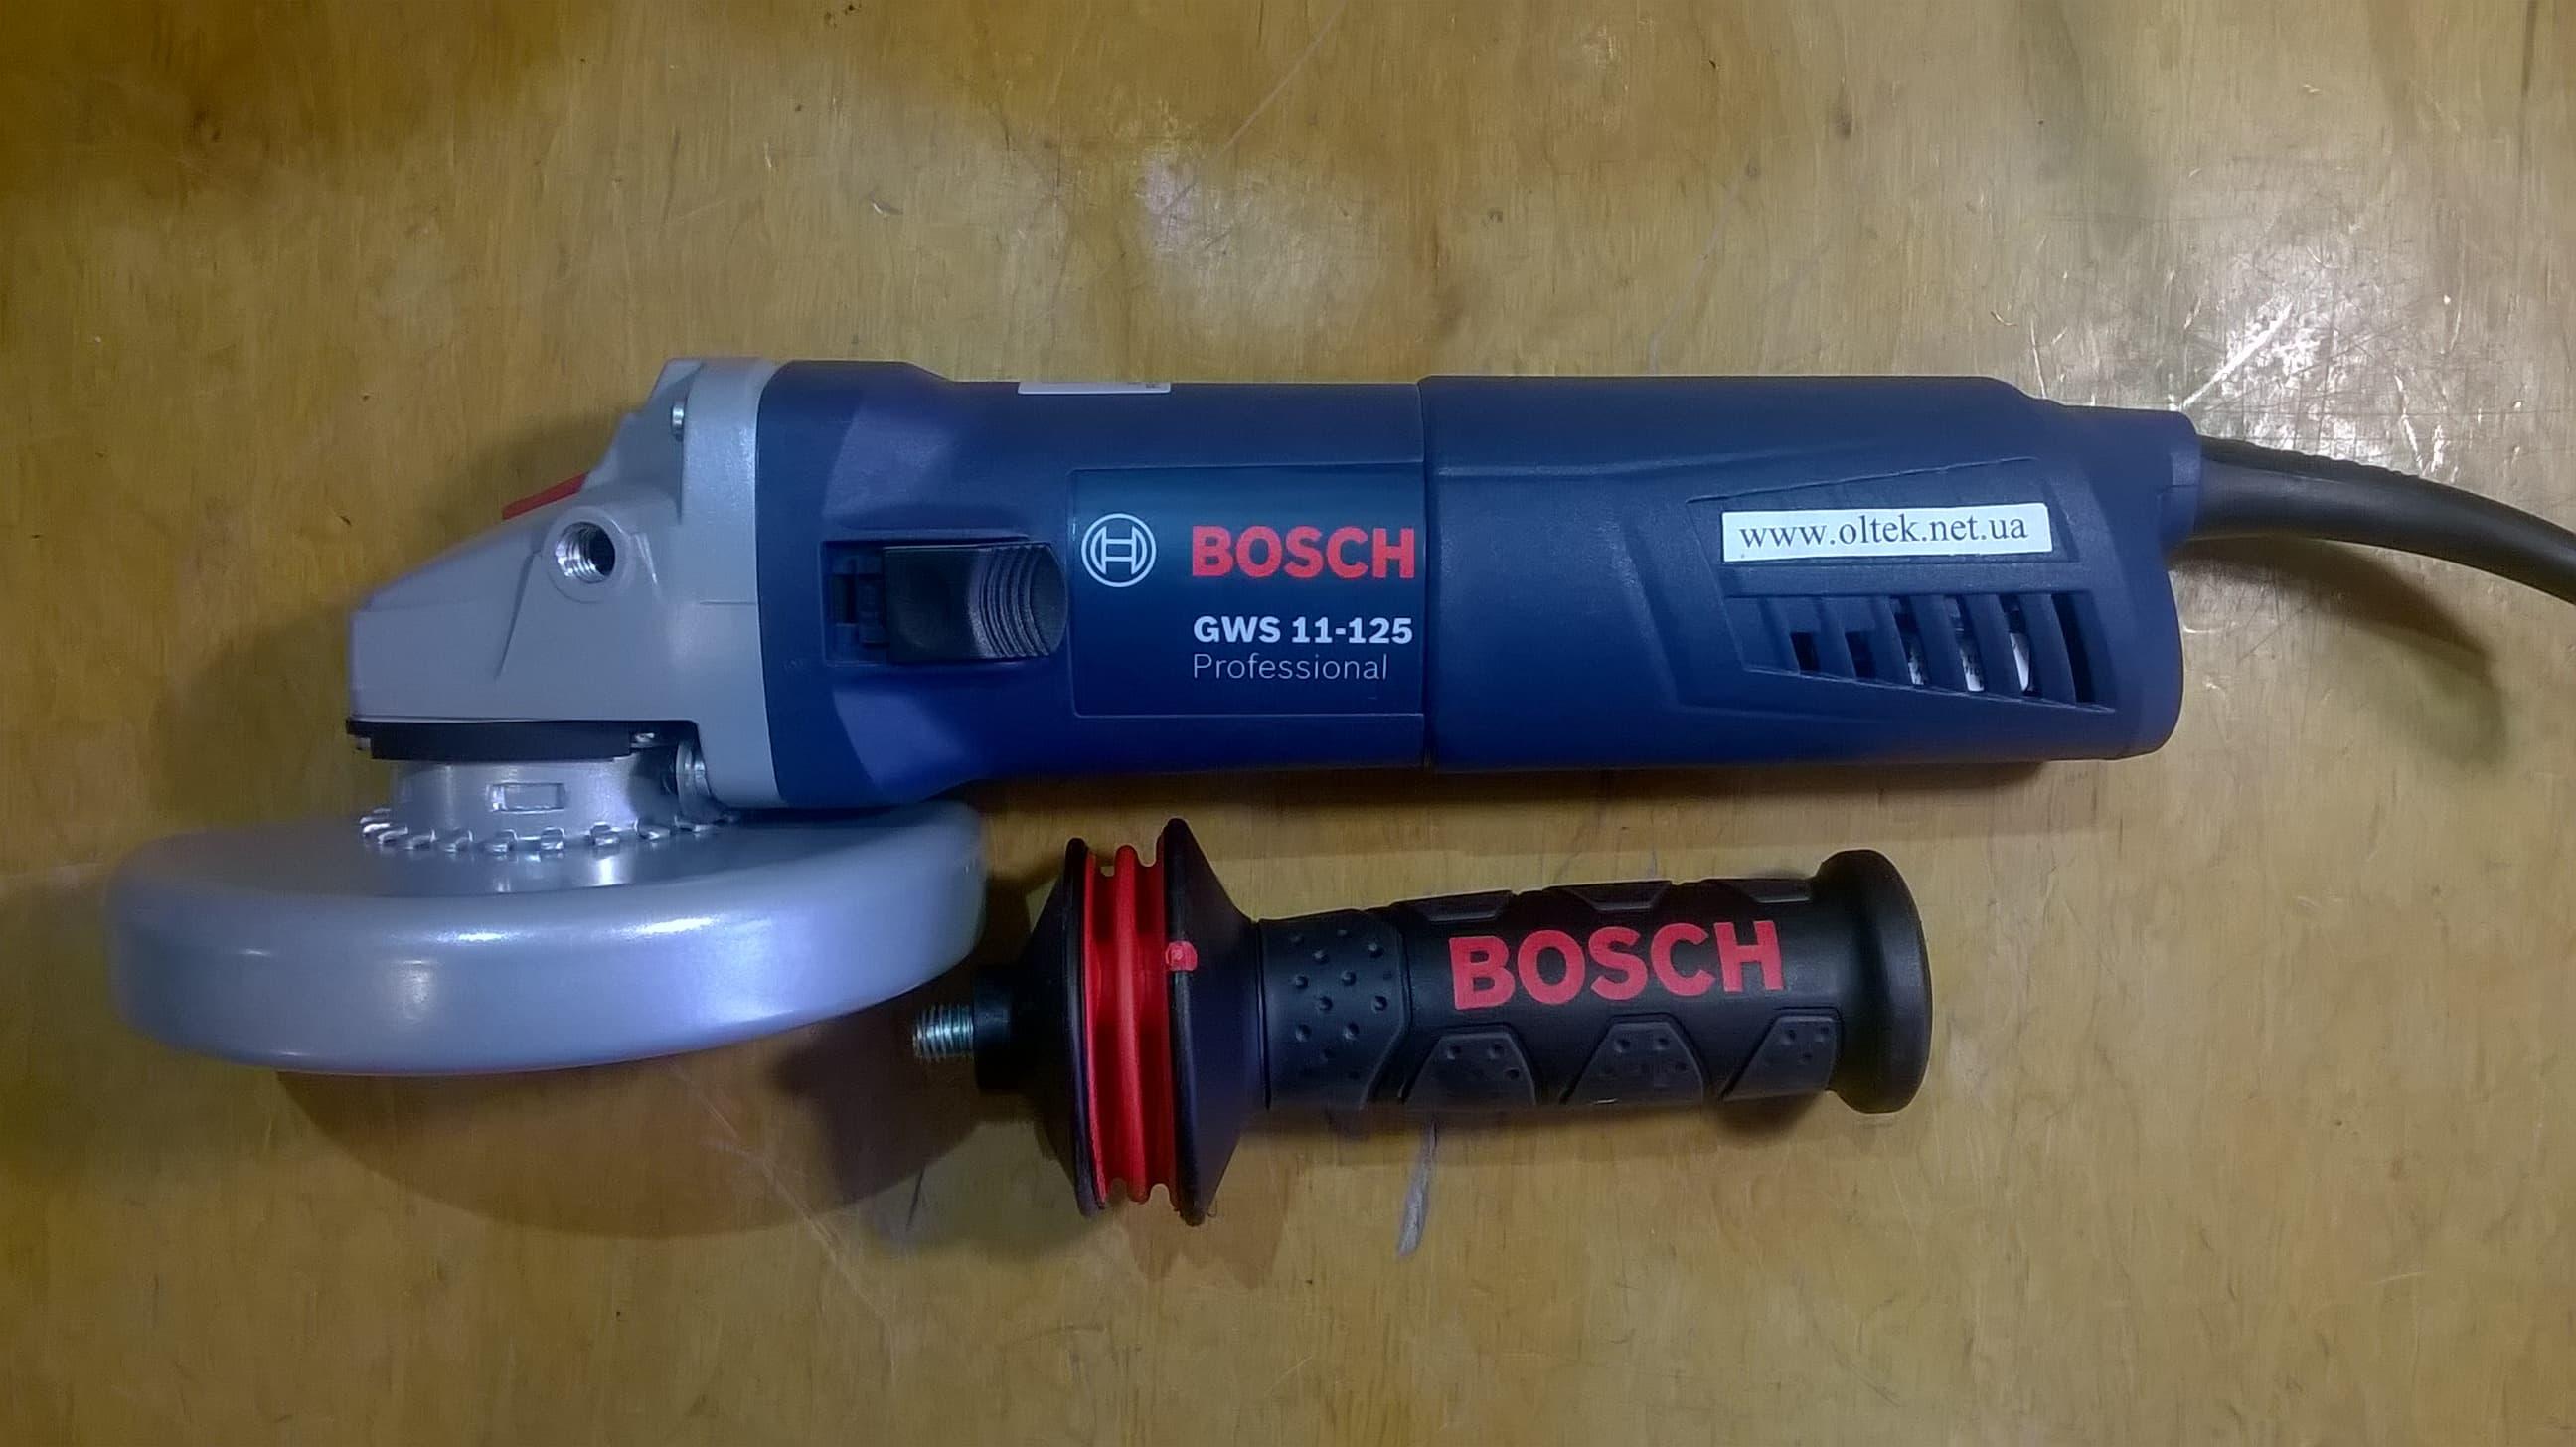 bosch-11-125-oltek-net-ua